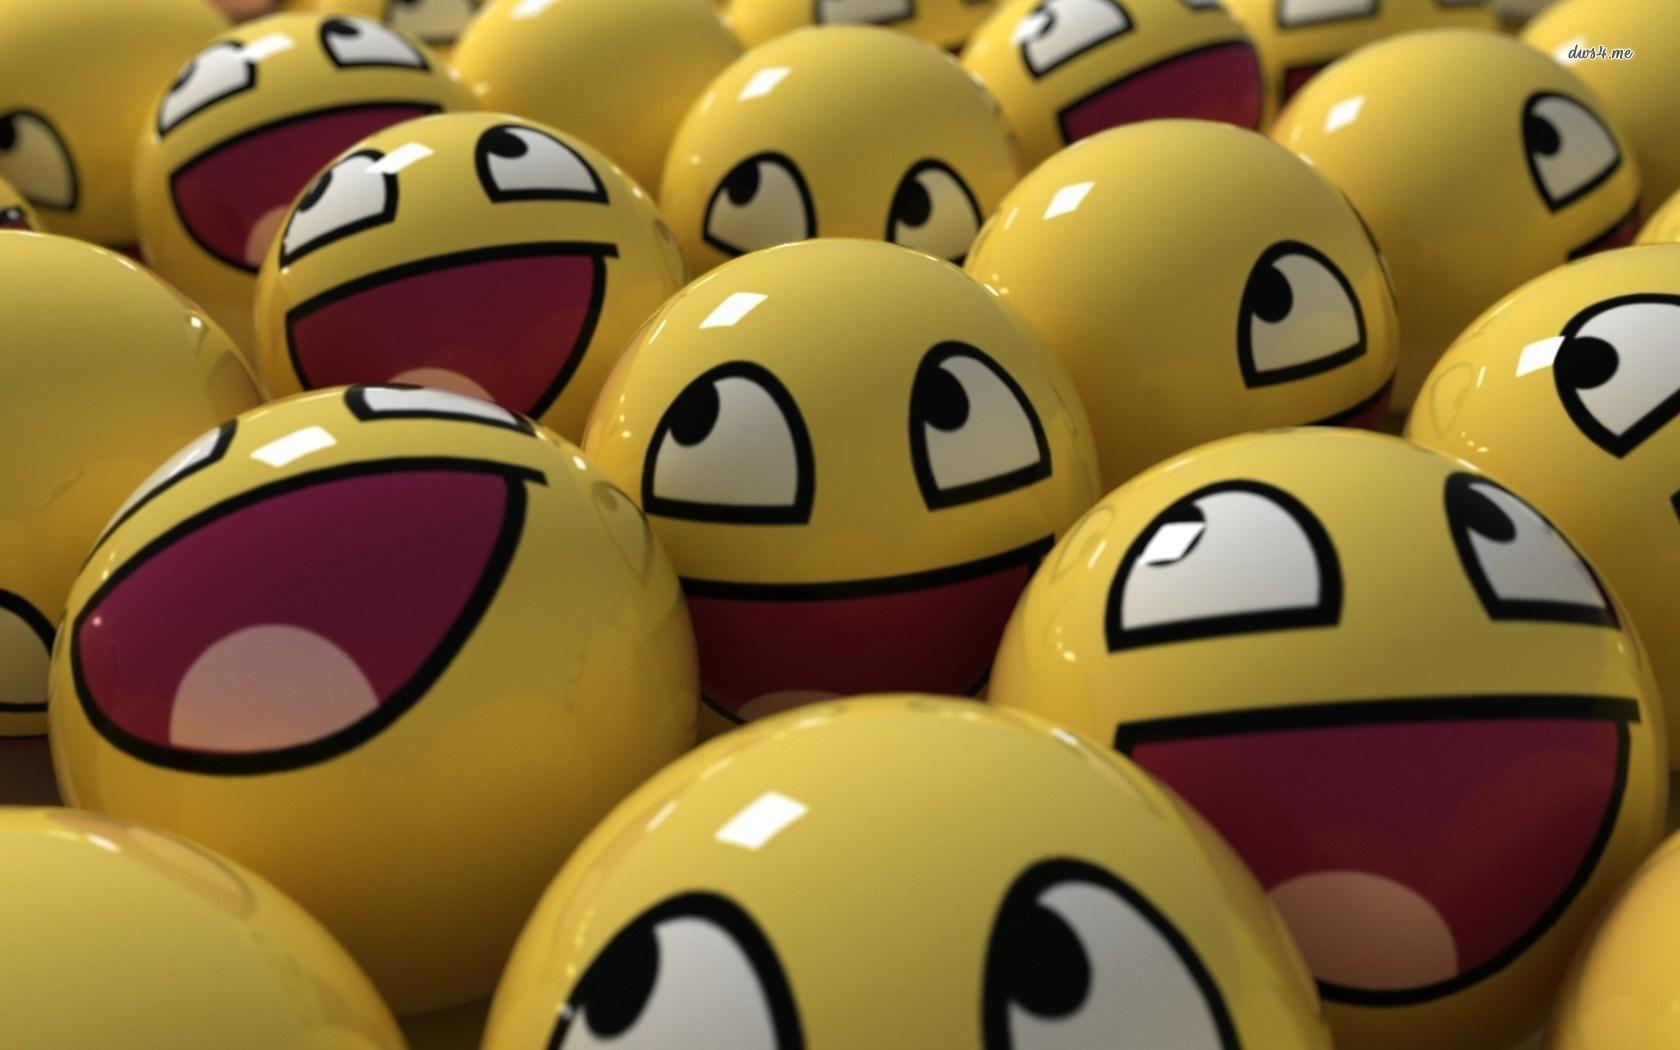 Los emoticonos ocultos de Skype